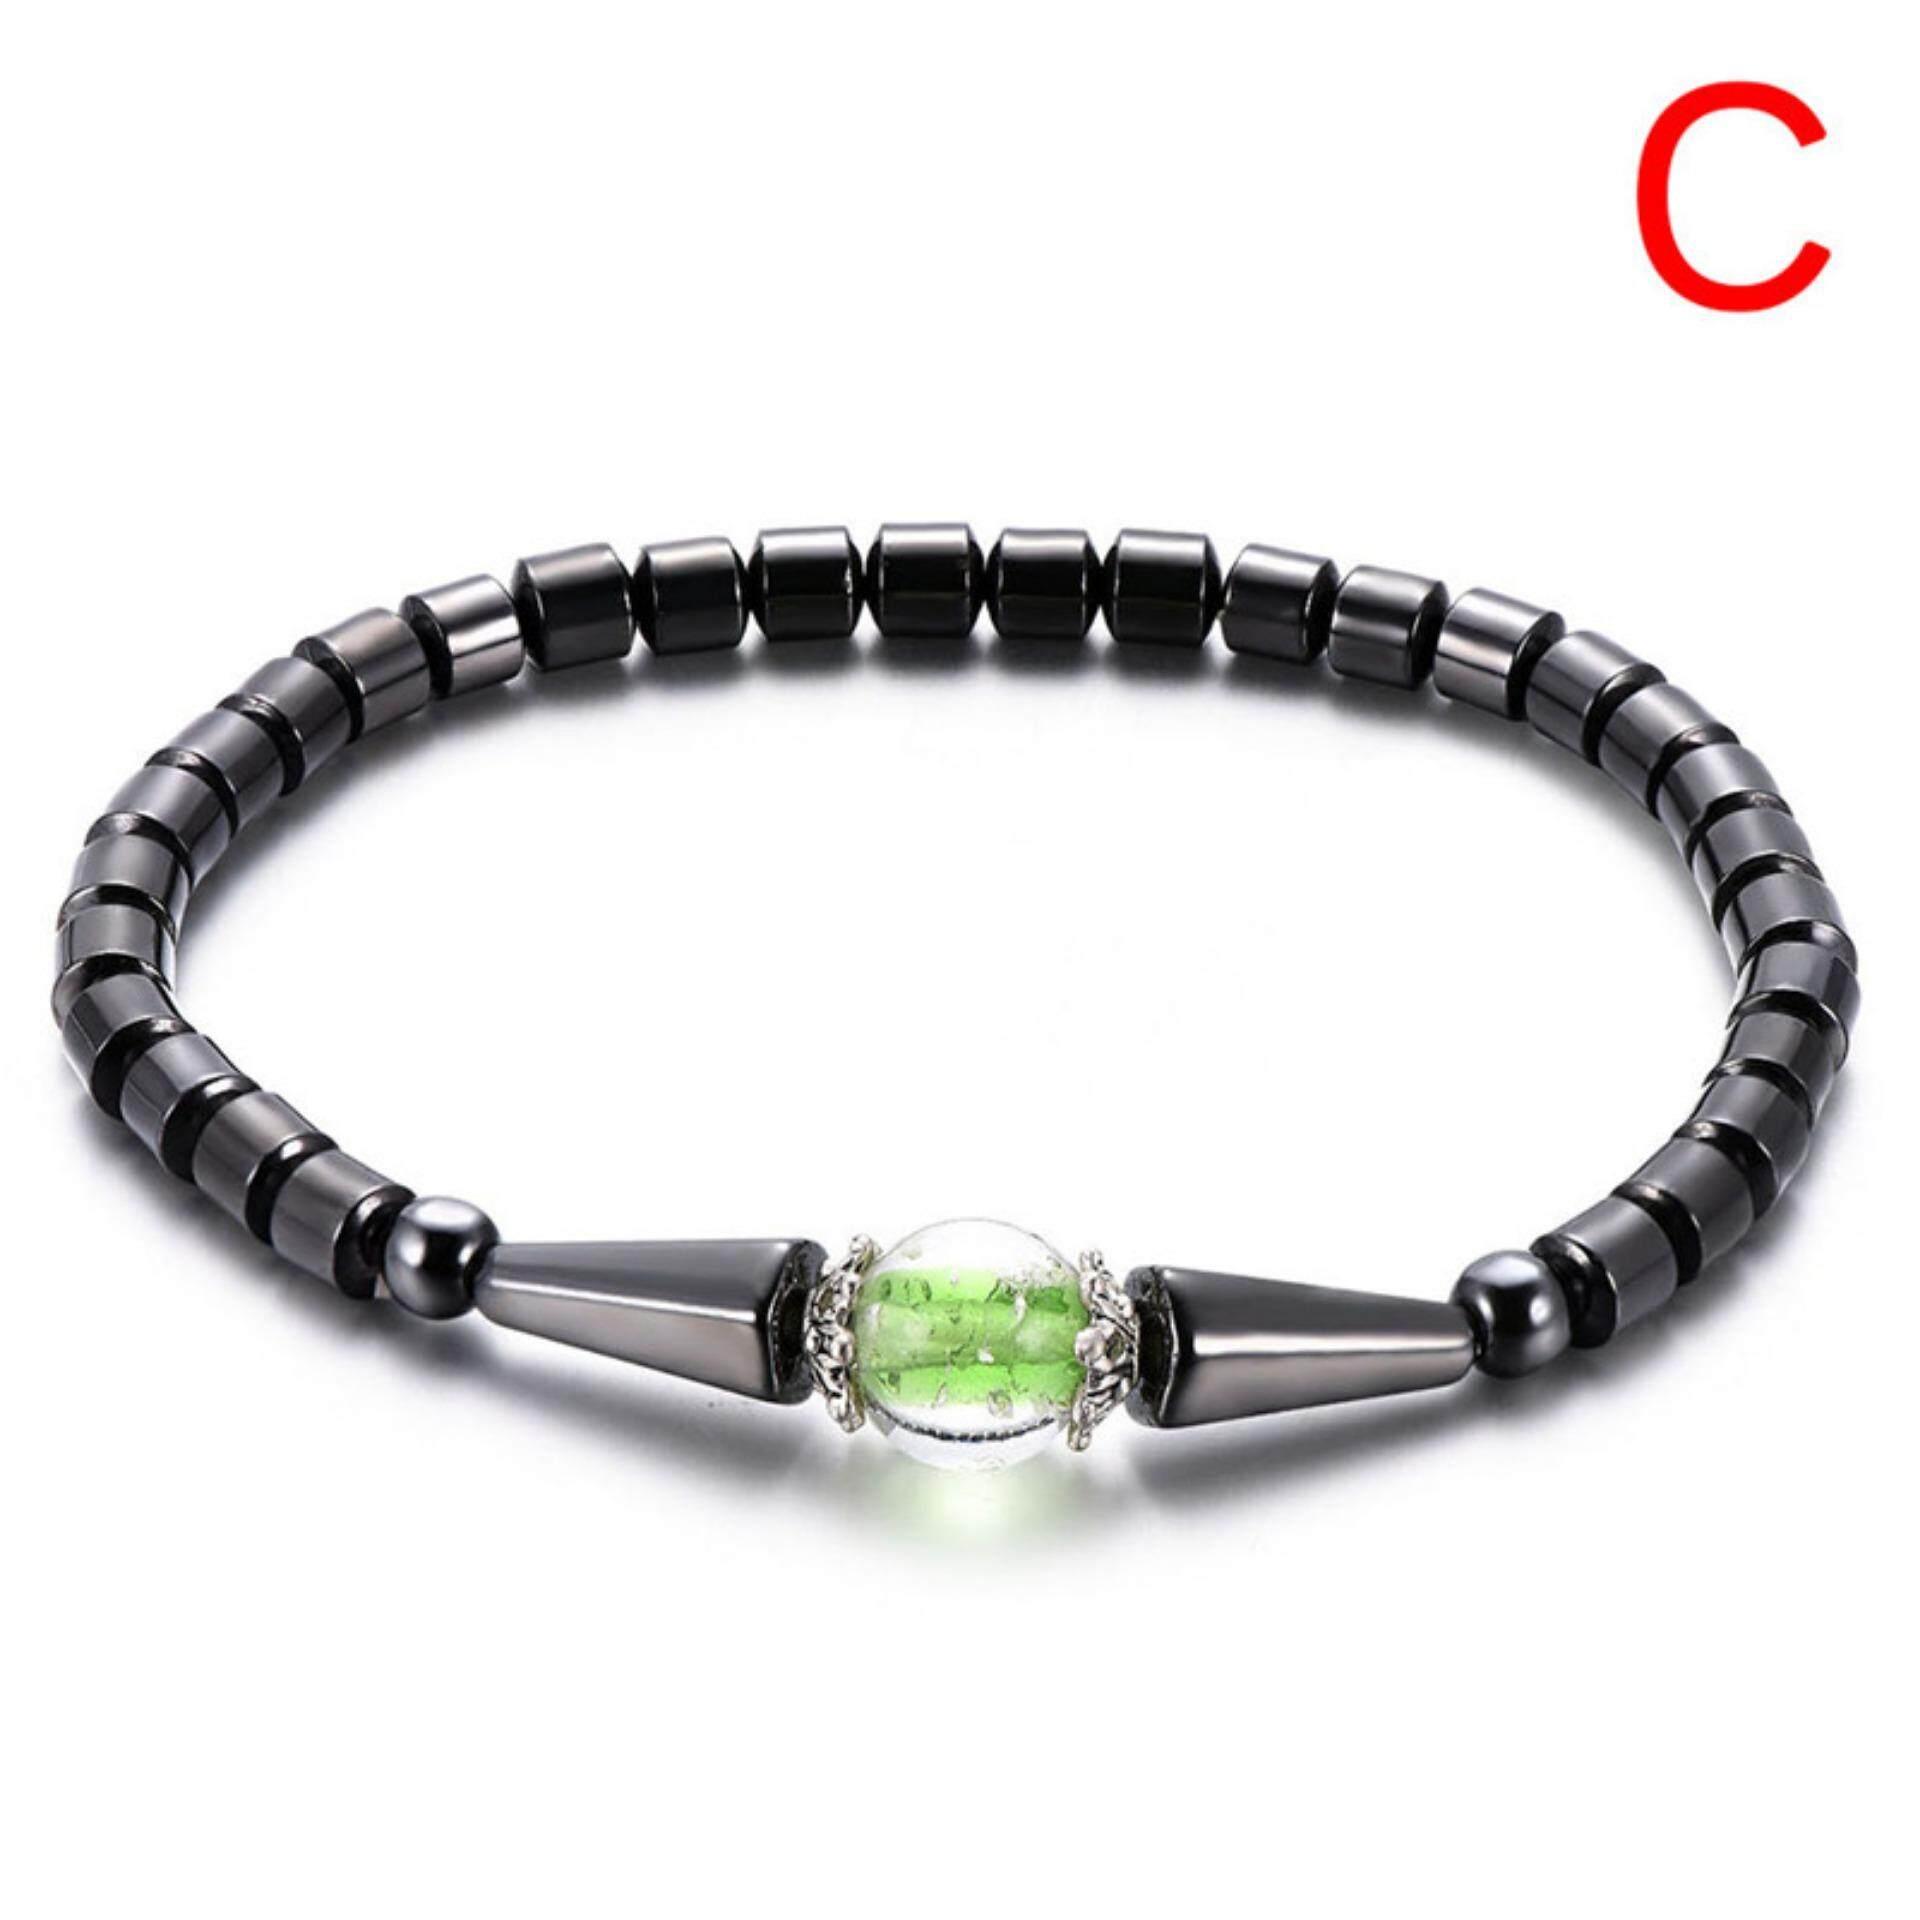 Penurunan Berat Badan Manik-Manik Batu Hitam Gelang Kaki Perawatan Kesehatan Terapi Magnet Gelang Kaki Perhiasan By Buy Tra.